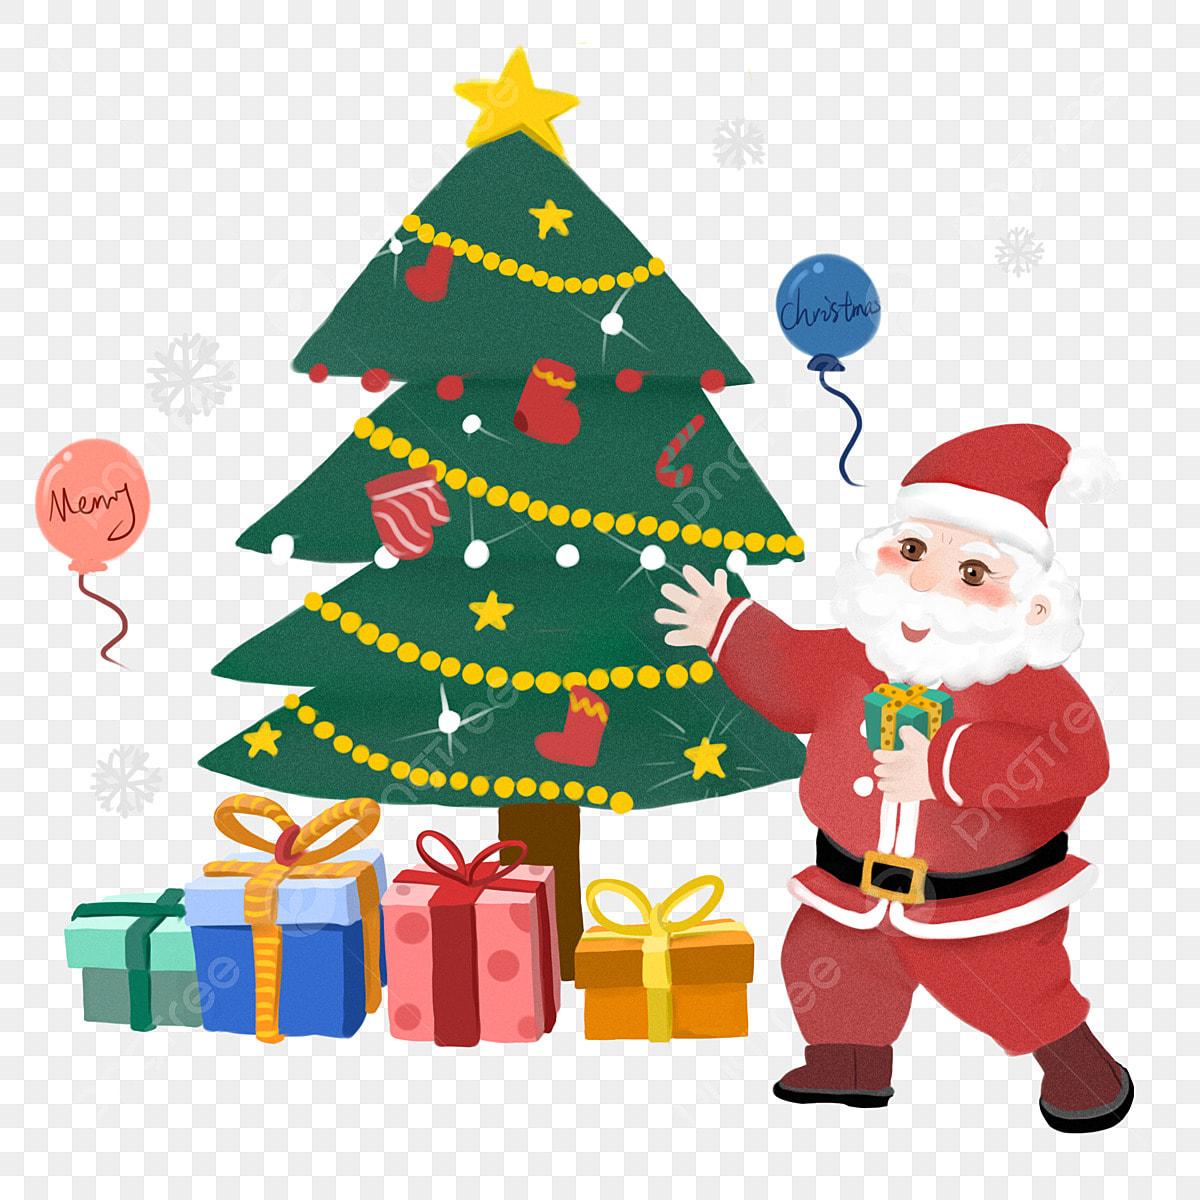 Merry Christmas Colorful Colorful Balloons Gift Christmas Tree